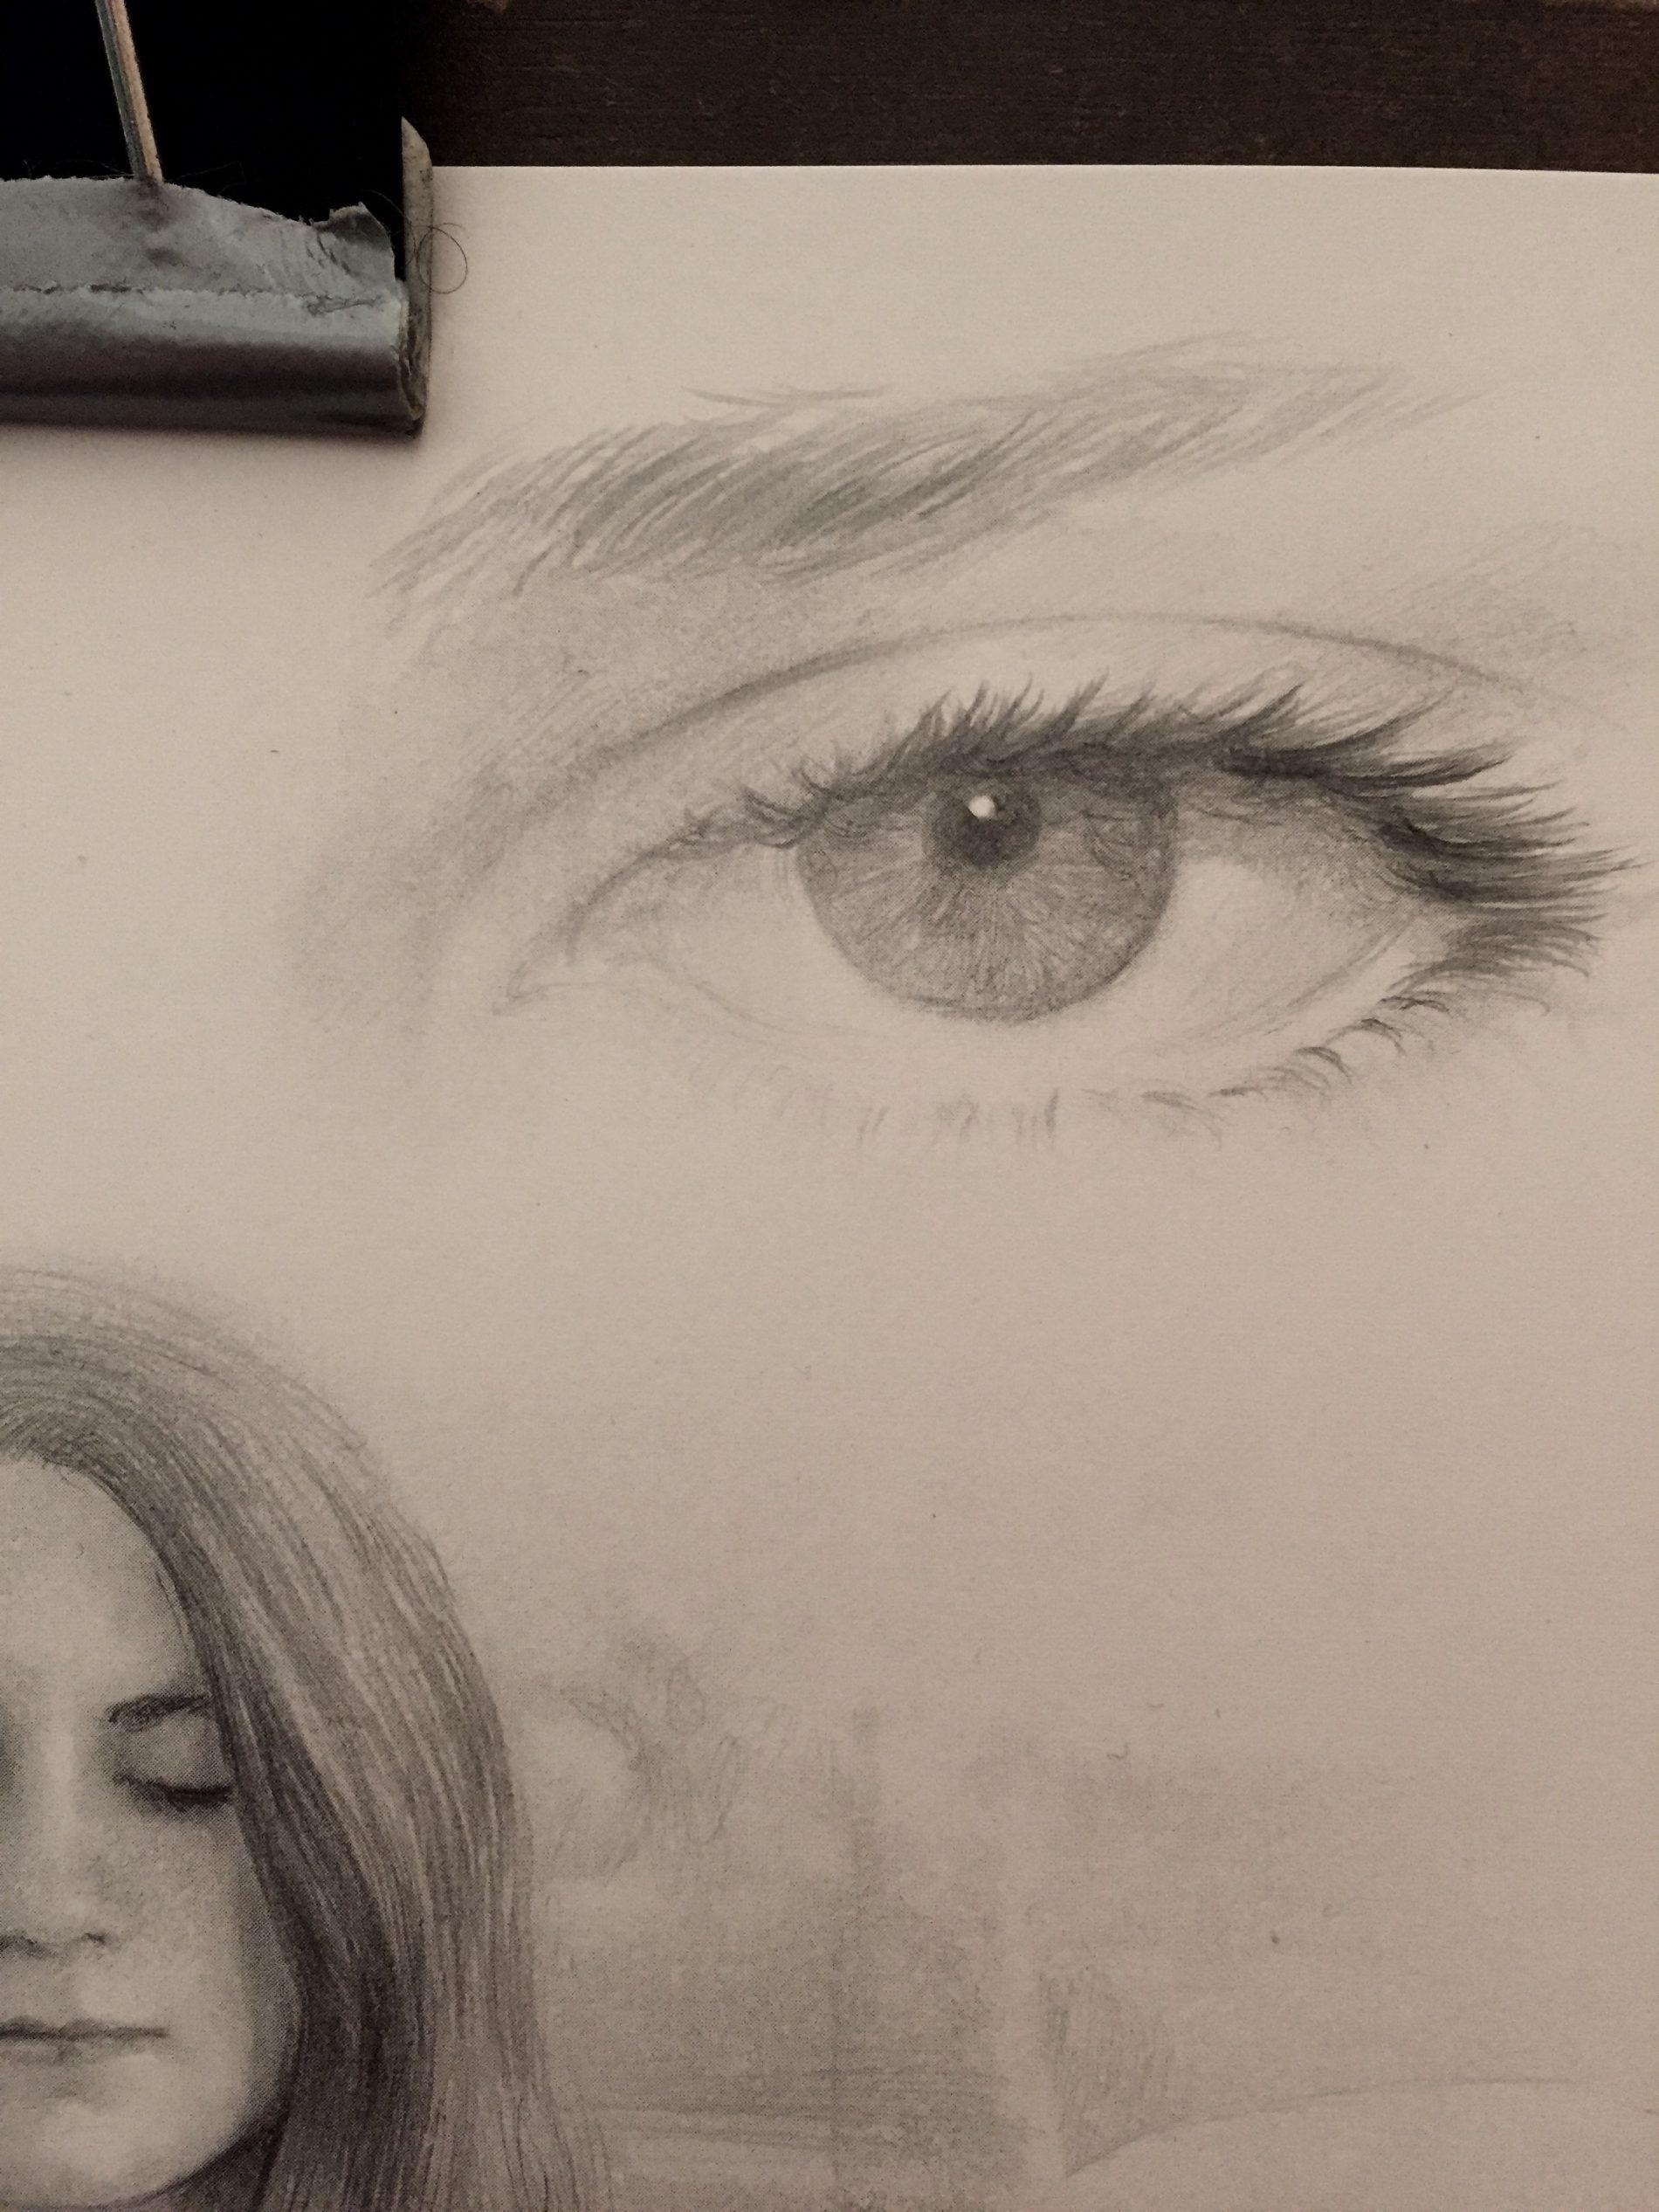 retratos-por-encargo-104-detalle-e1488843612121